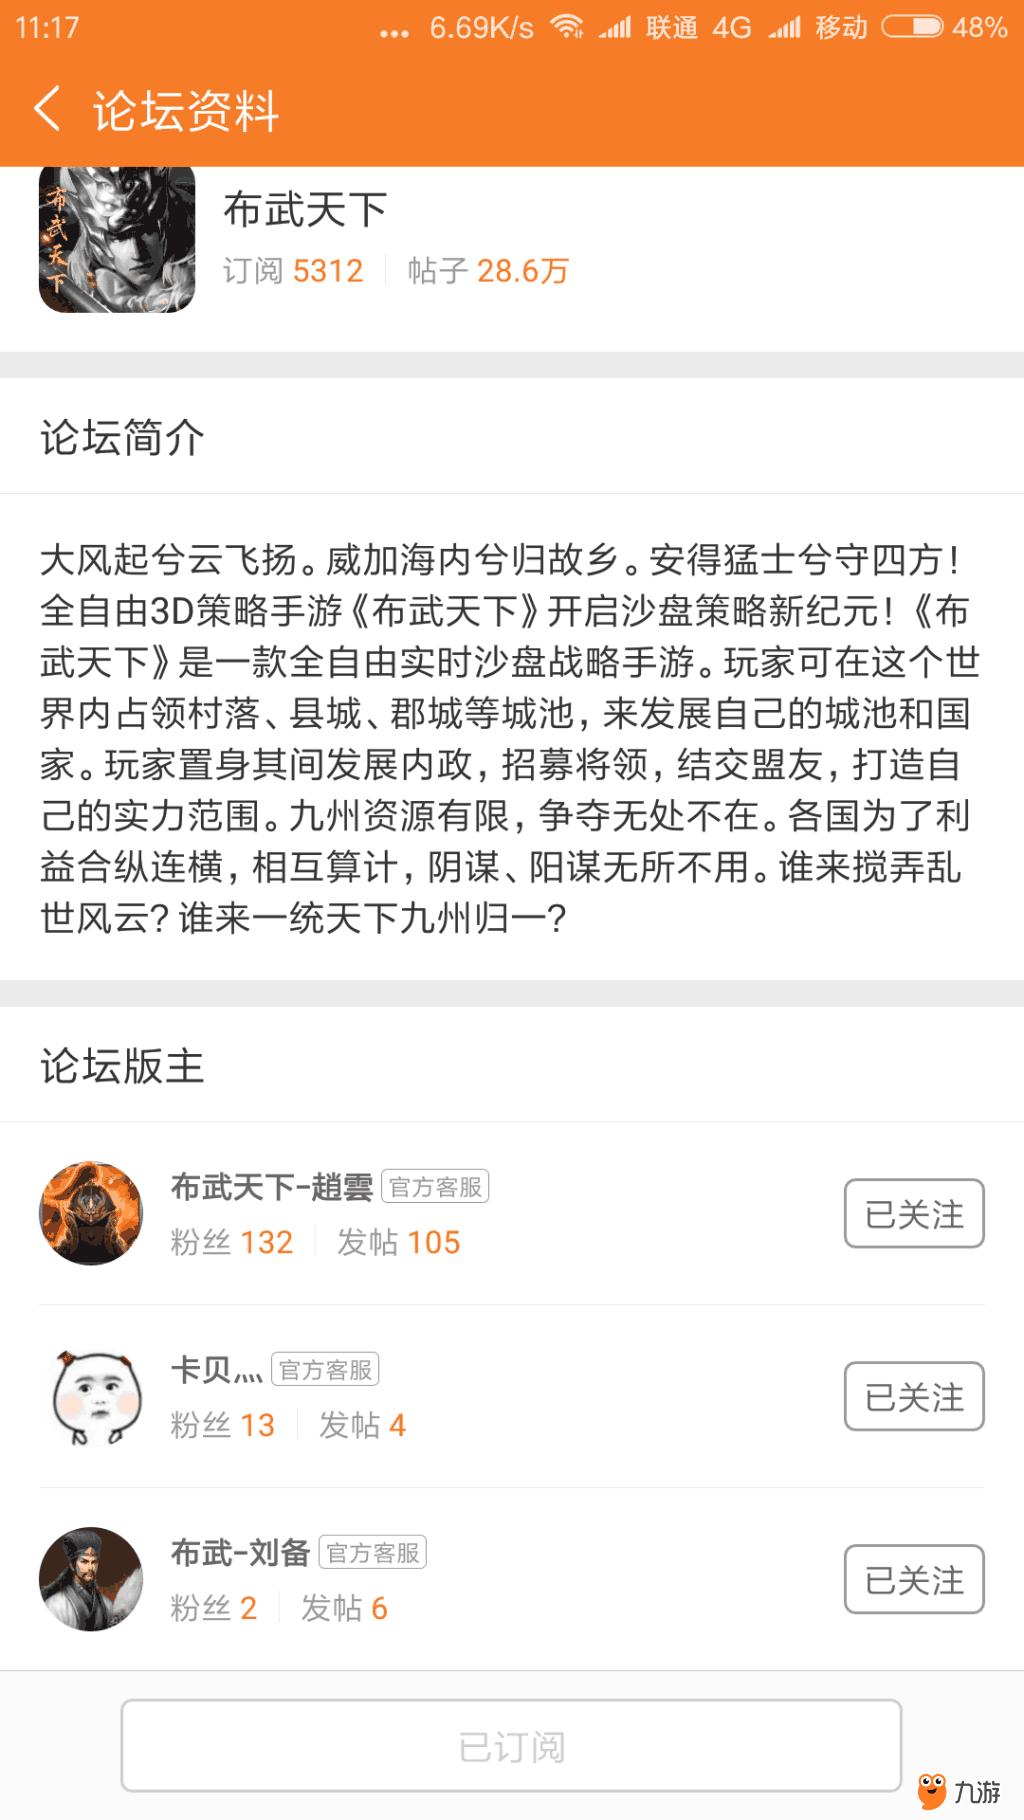 Screenshot_2018s01s14s11s17s55s029_cn.ninegame.ga.png